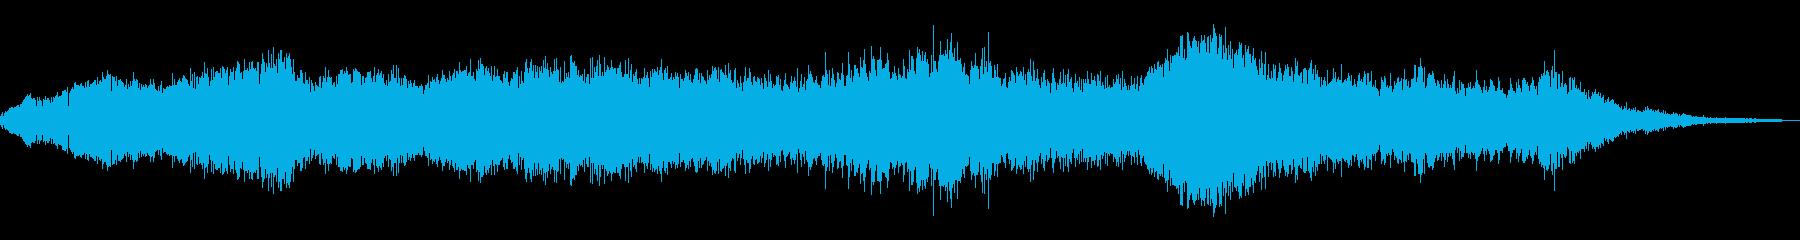 ふわふわしたハム、電気、アーキング...の再生済みの波形